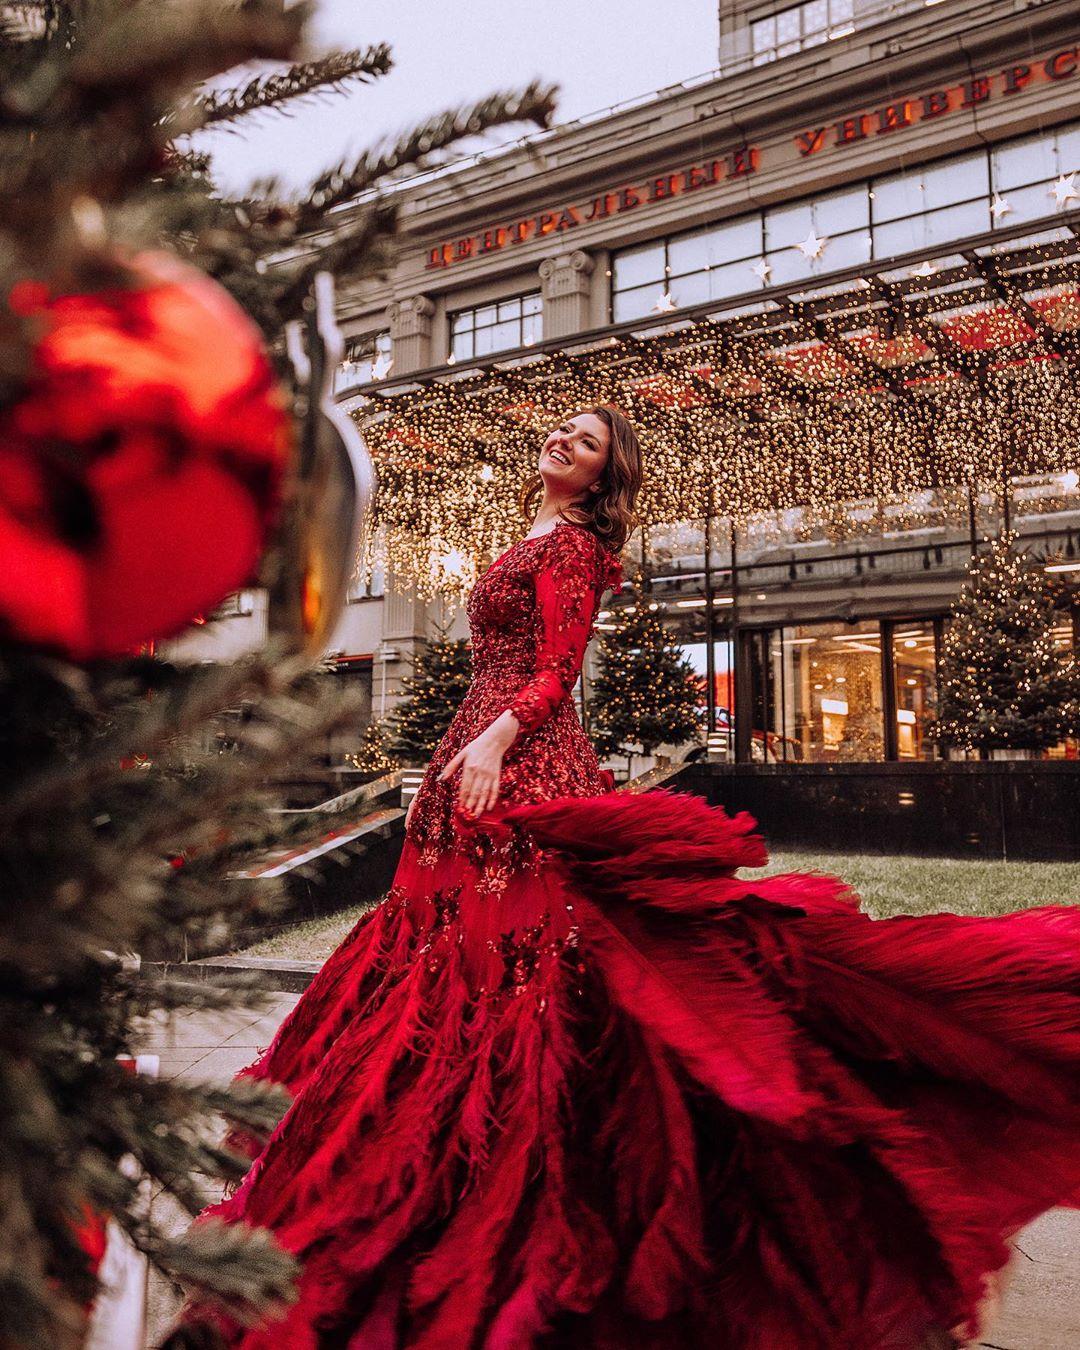 Девушка танцует в красном платье с перьями на фоне гирлянд ЦУМа